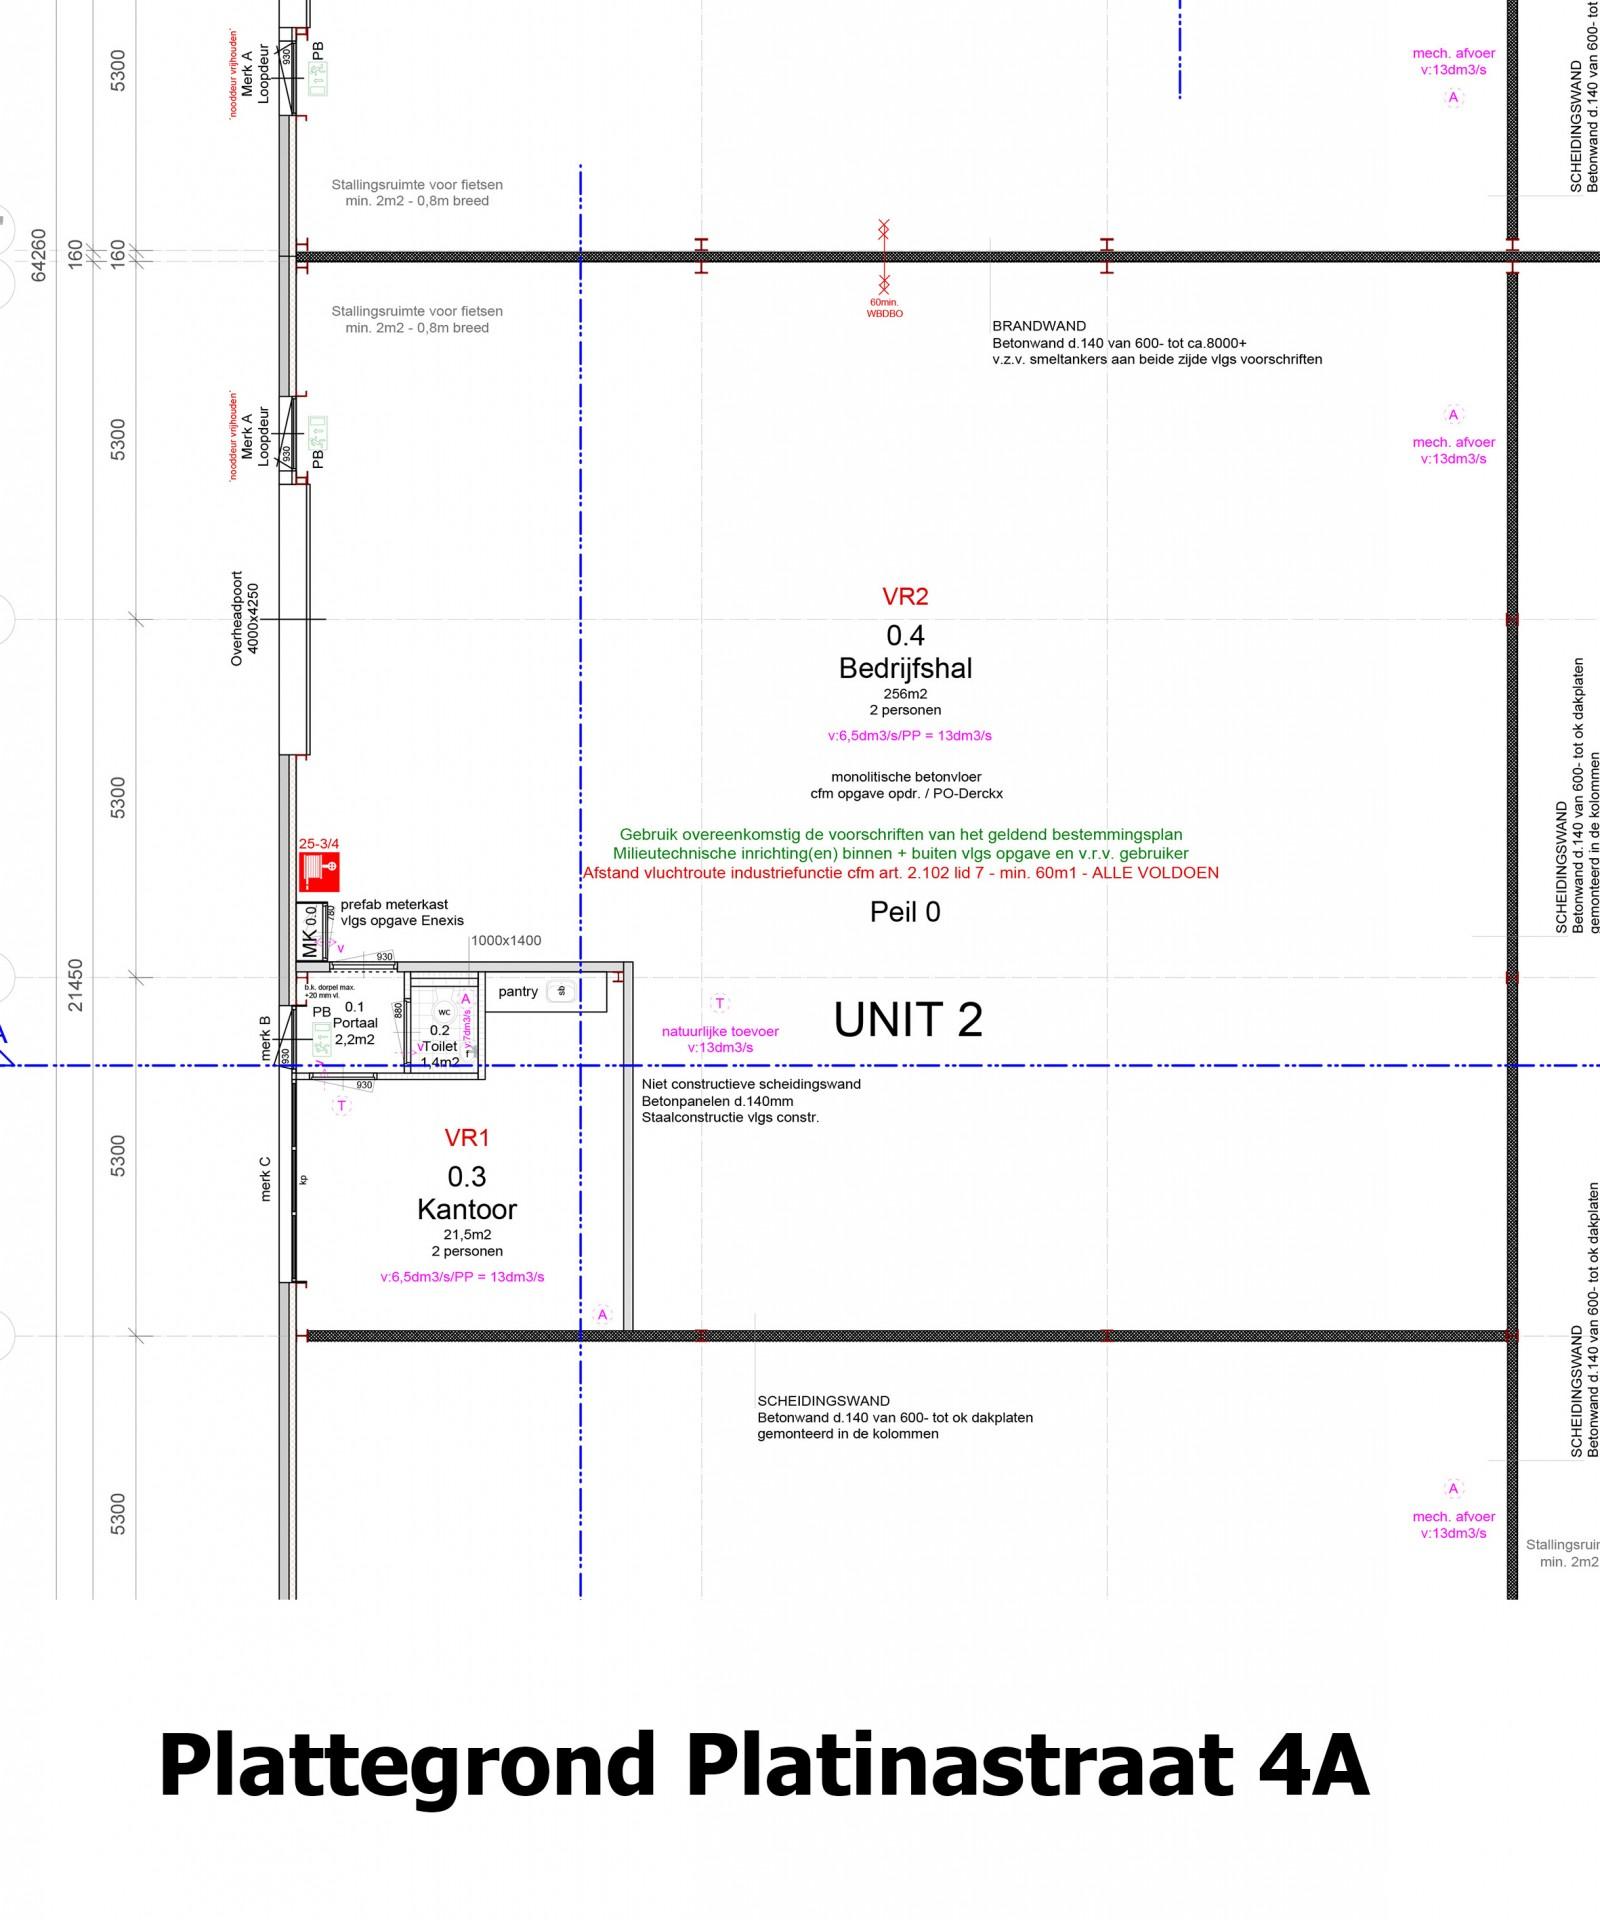 Plattegrond Platinastraat 4 A